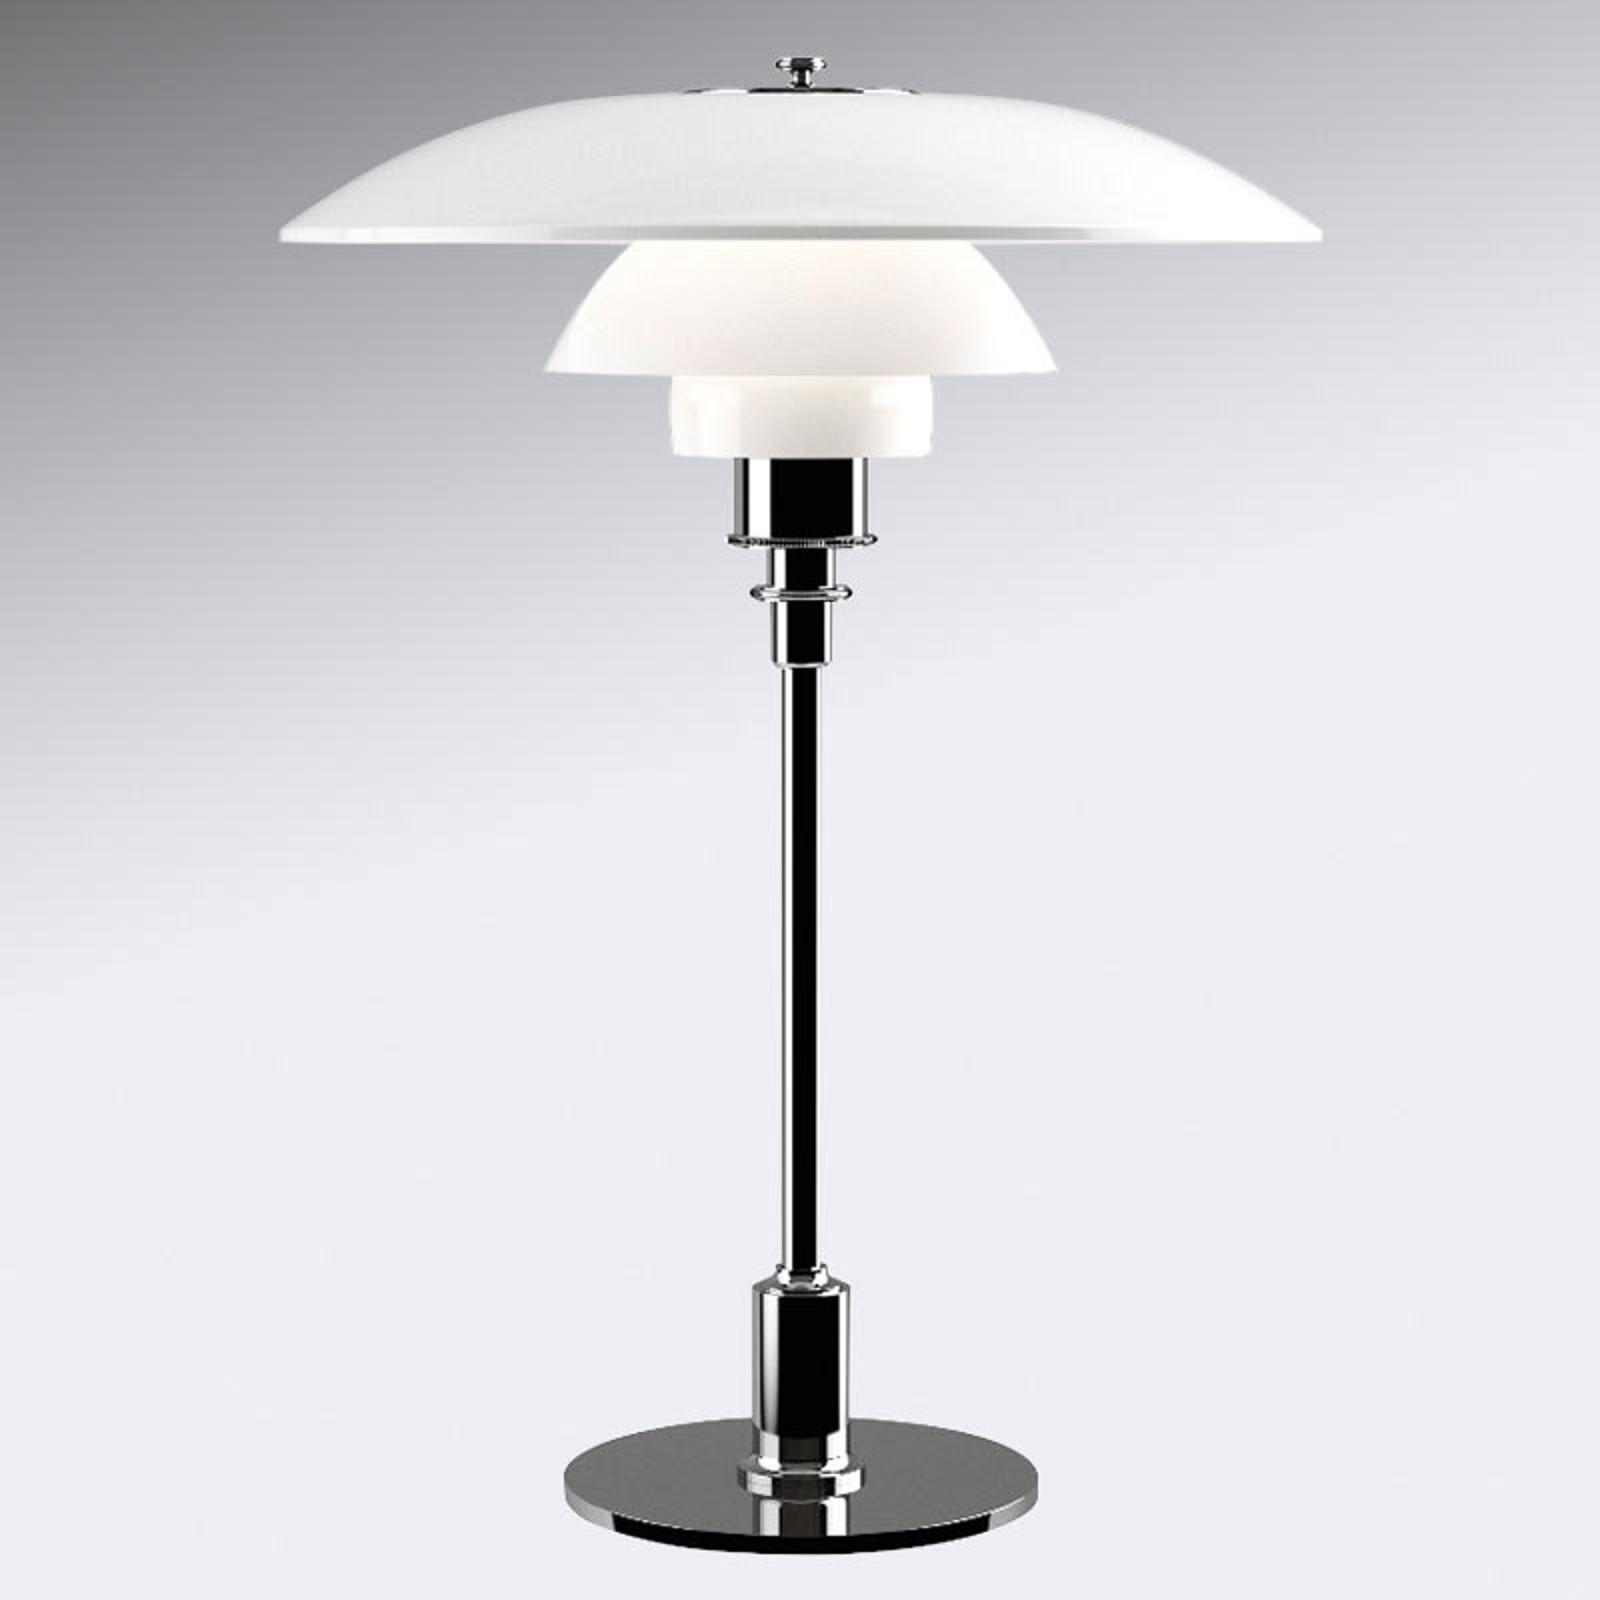 Louis Poulsen PH 3 1/2-2 1/2 bordlampe, krom